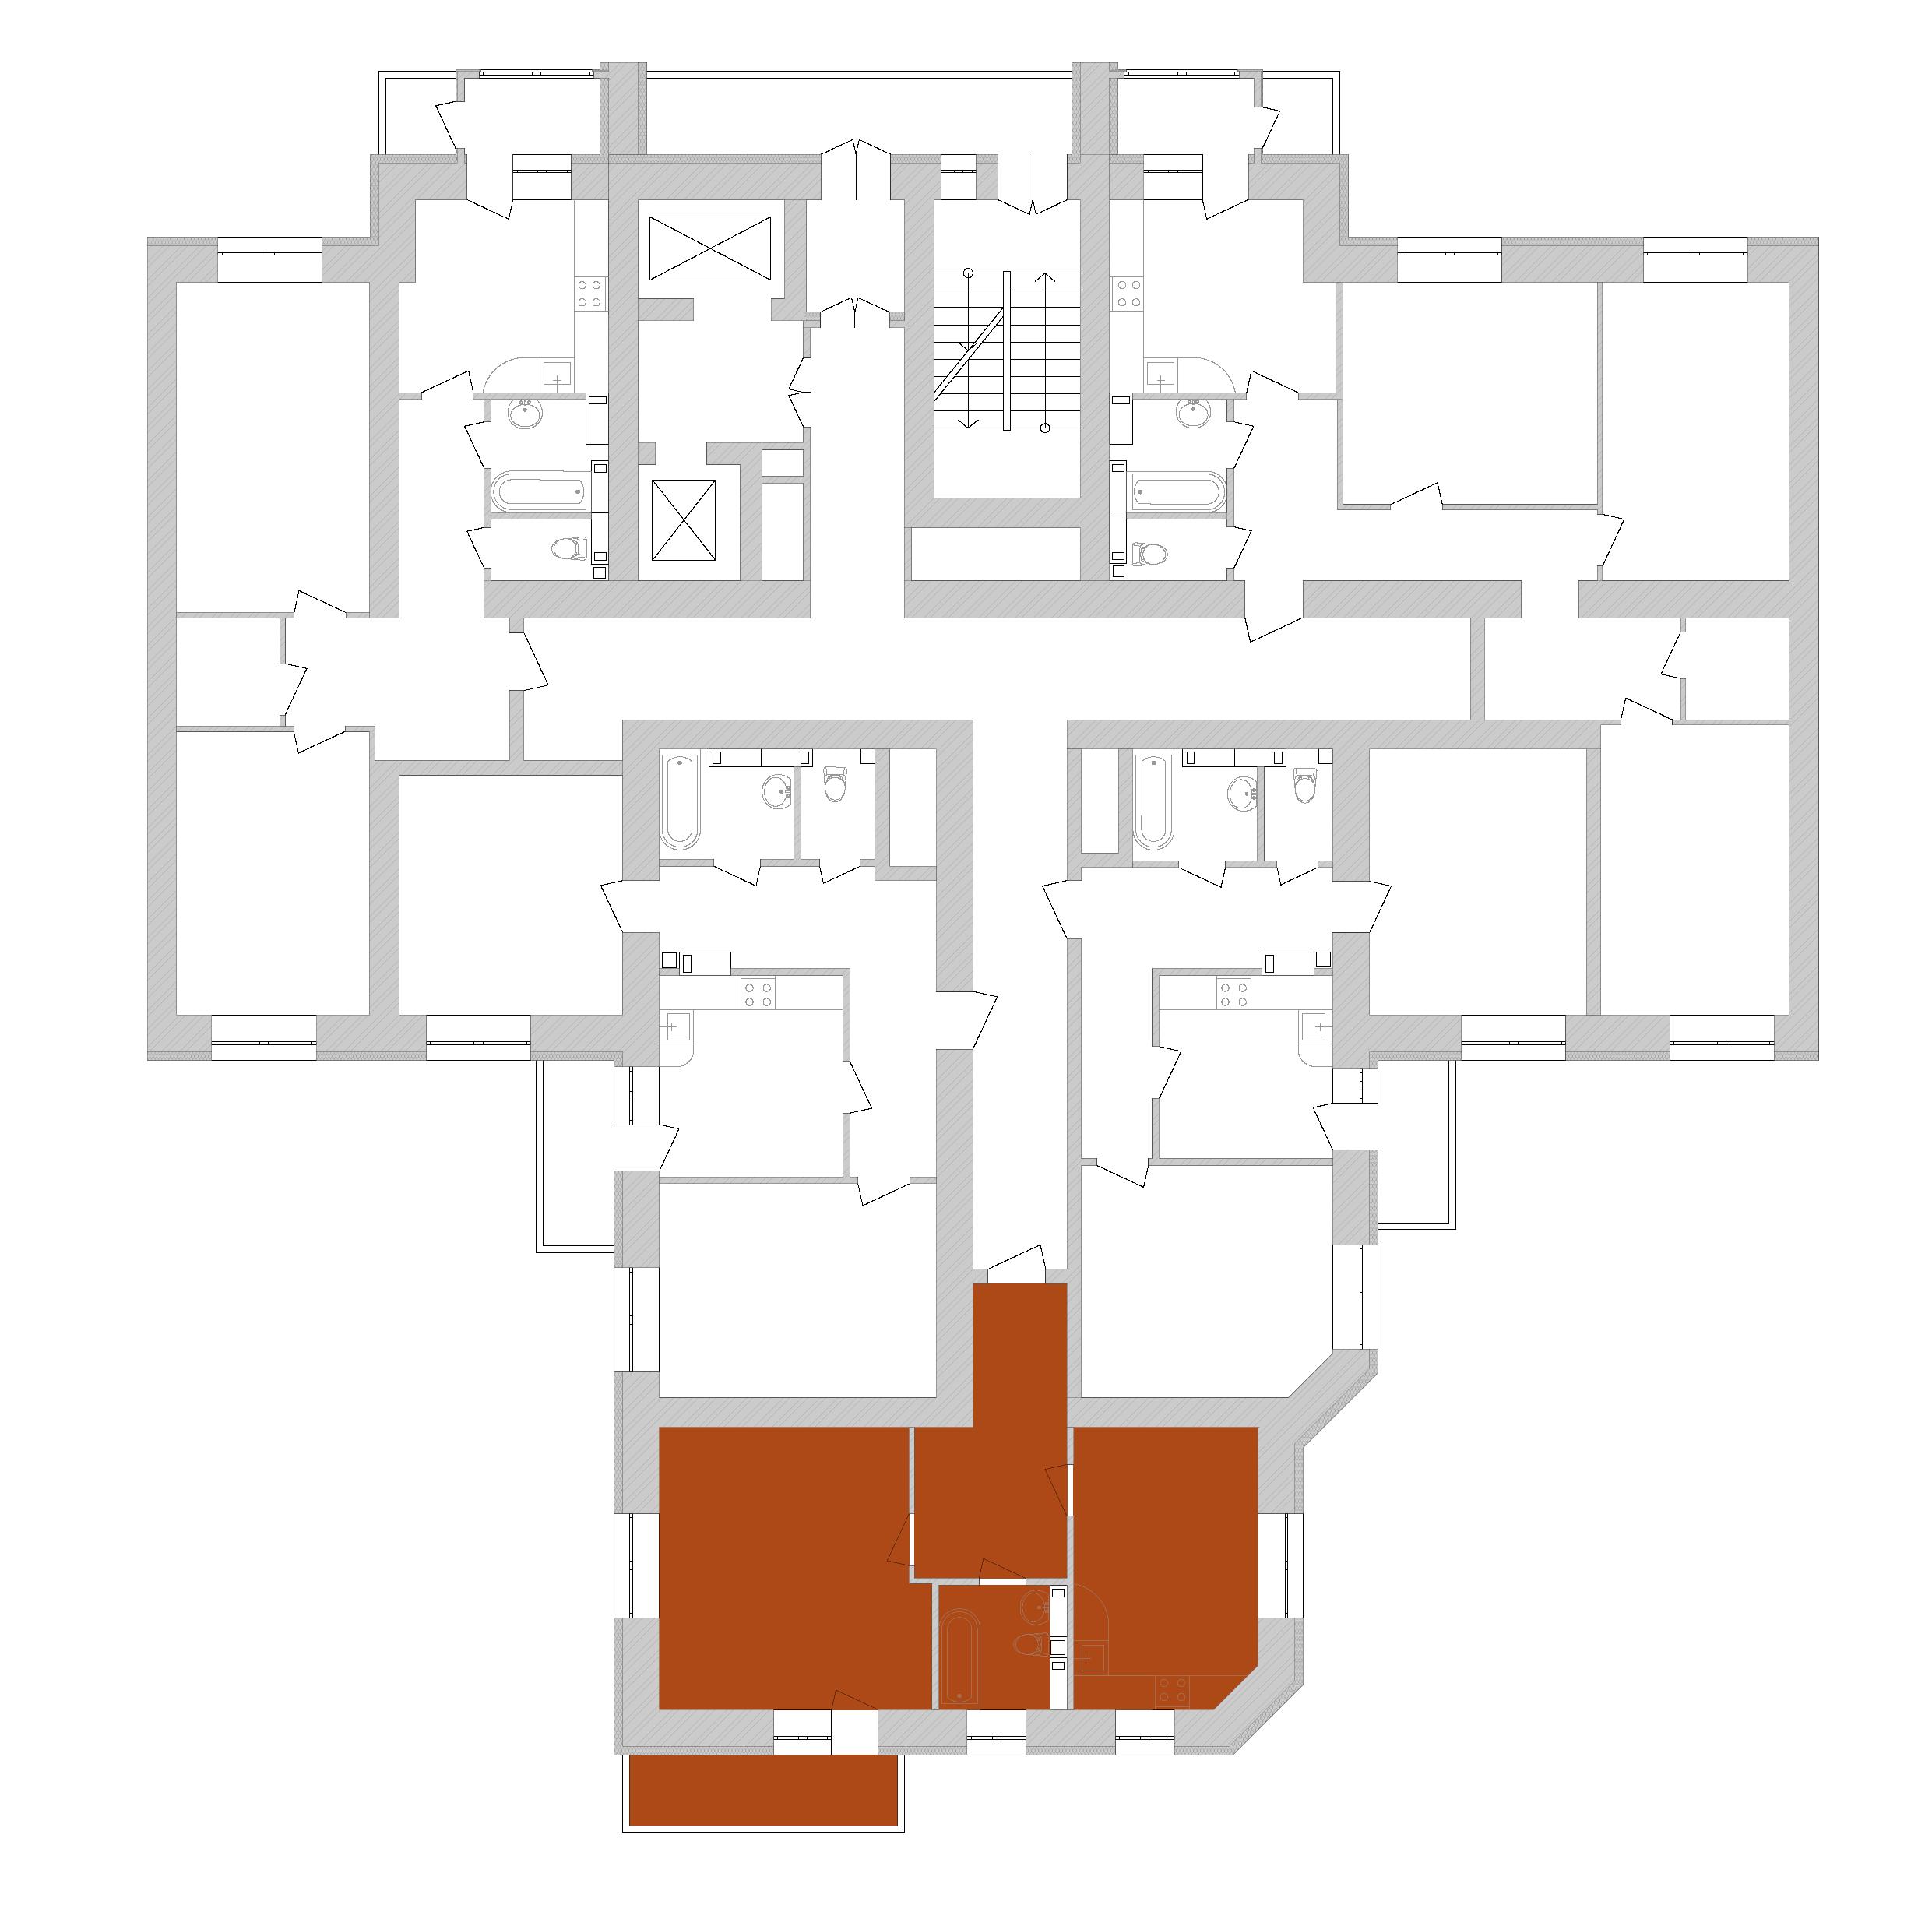 Однокімнатна квартира 56,19 кв.м., тип 1.2, будинок 1, секція 7 розташування на поверсі